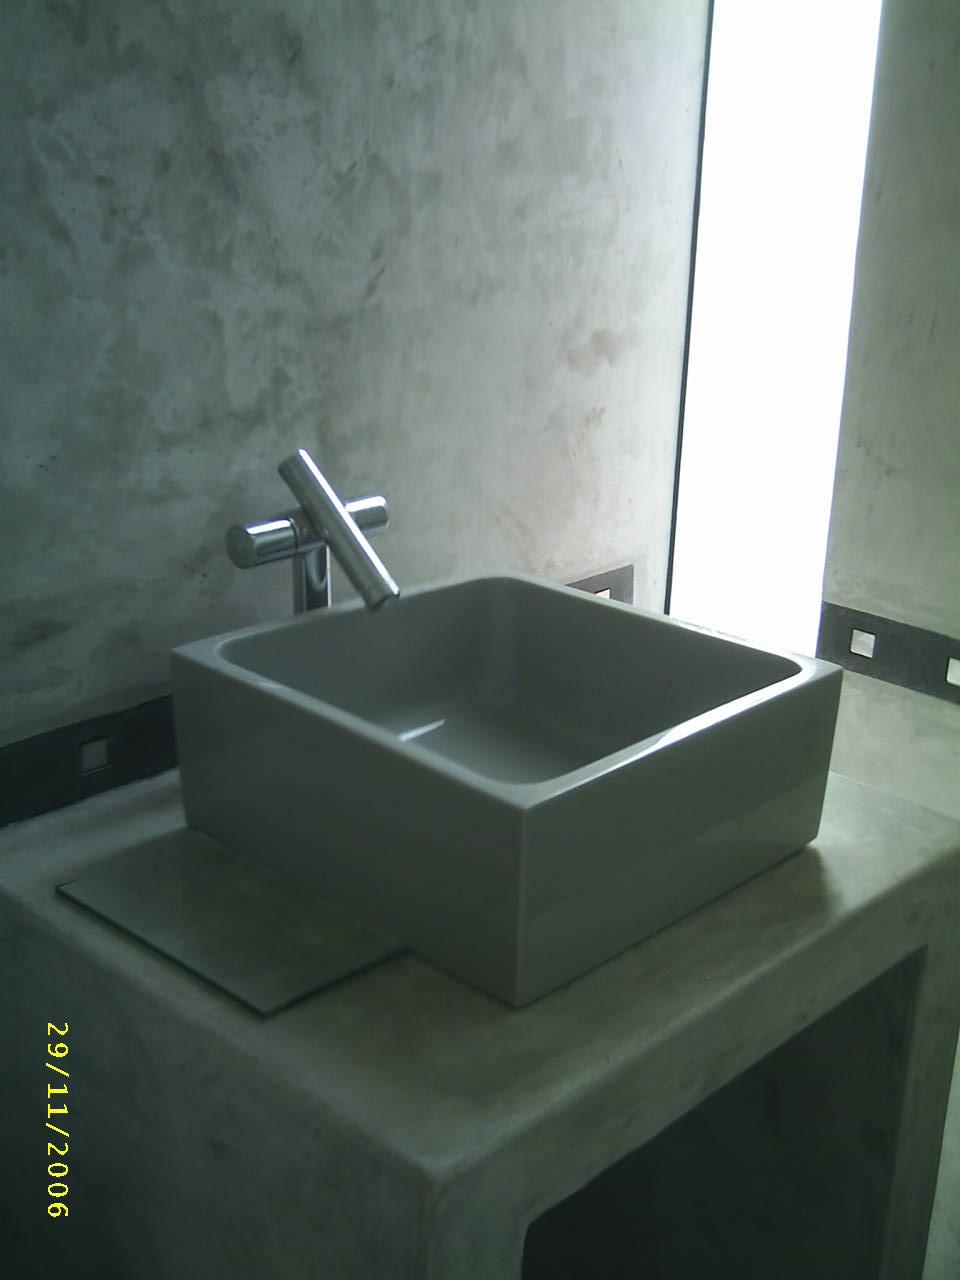 Tinas De Baño De Concreto:de cemento coloreado tina blanca paredes cemento pulido lavaderos de